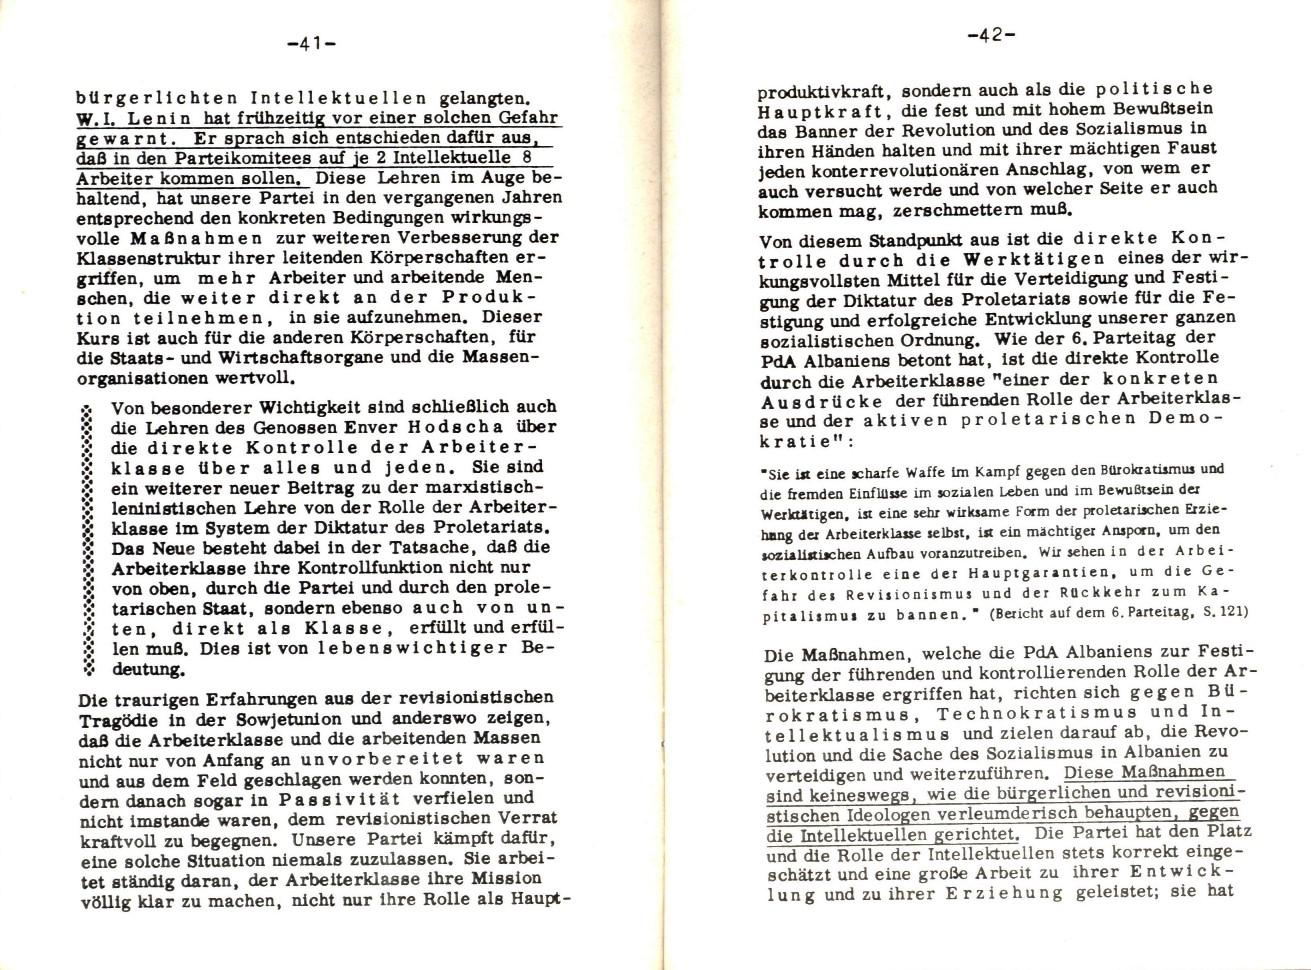 MLSK_Theorie_und_Praxis_des_ML_1978_23_24